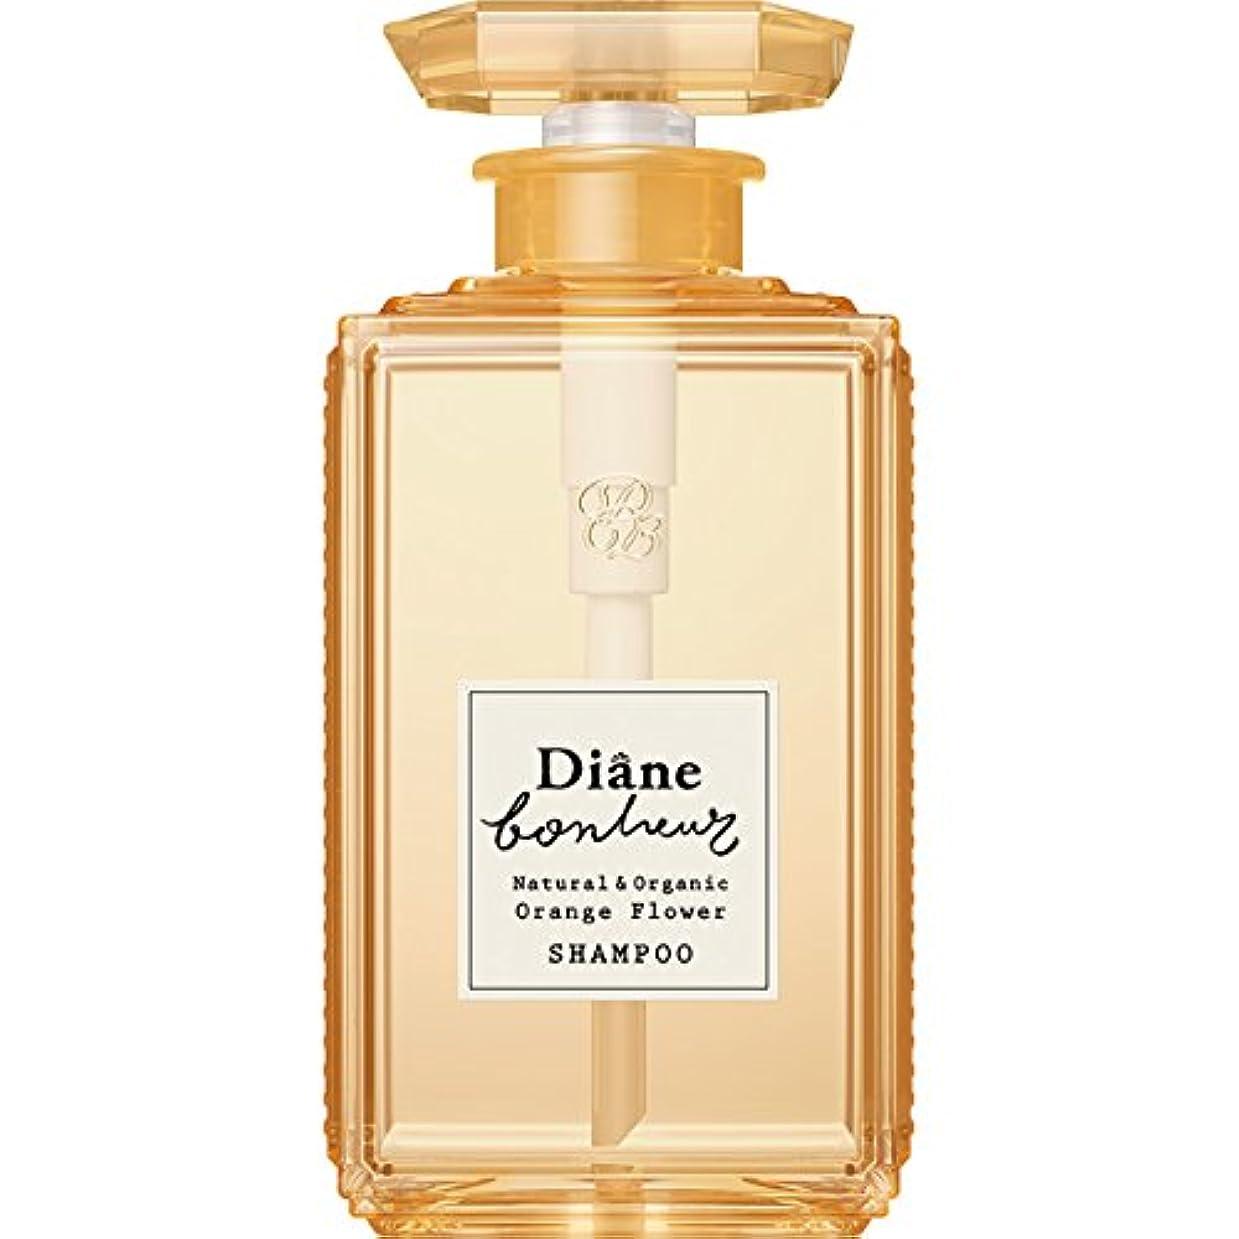 年次バルセロナ富豪ダイアン ボヌール オレンジフラワーの香り モイストリラックス シャンプー 500ml